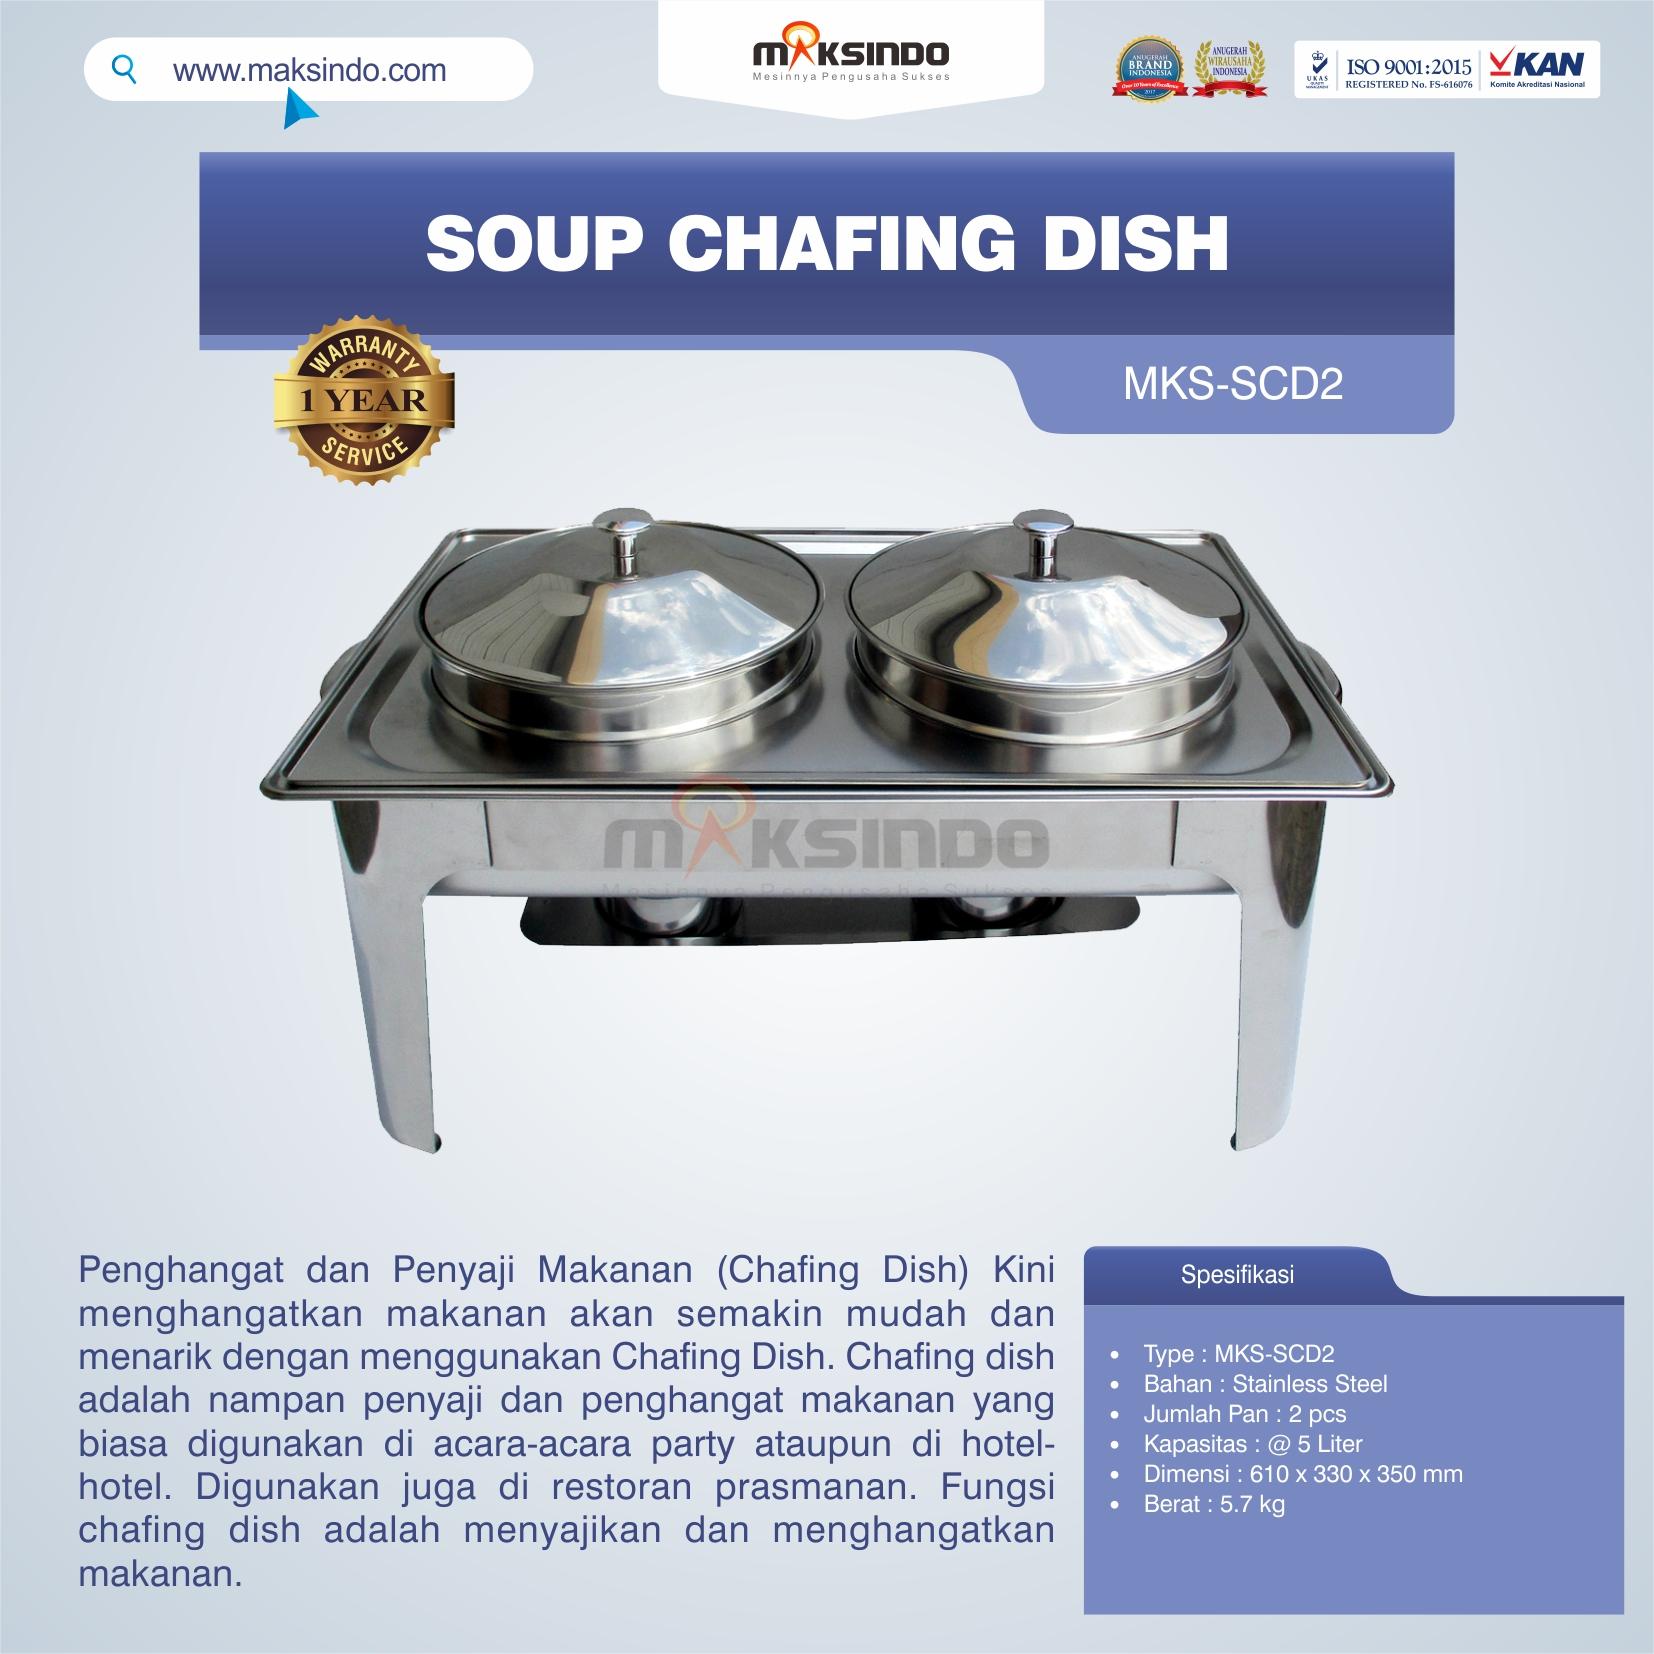 Jual Soup Chafing Dish MKS-SCD2 di Pekanbaru